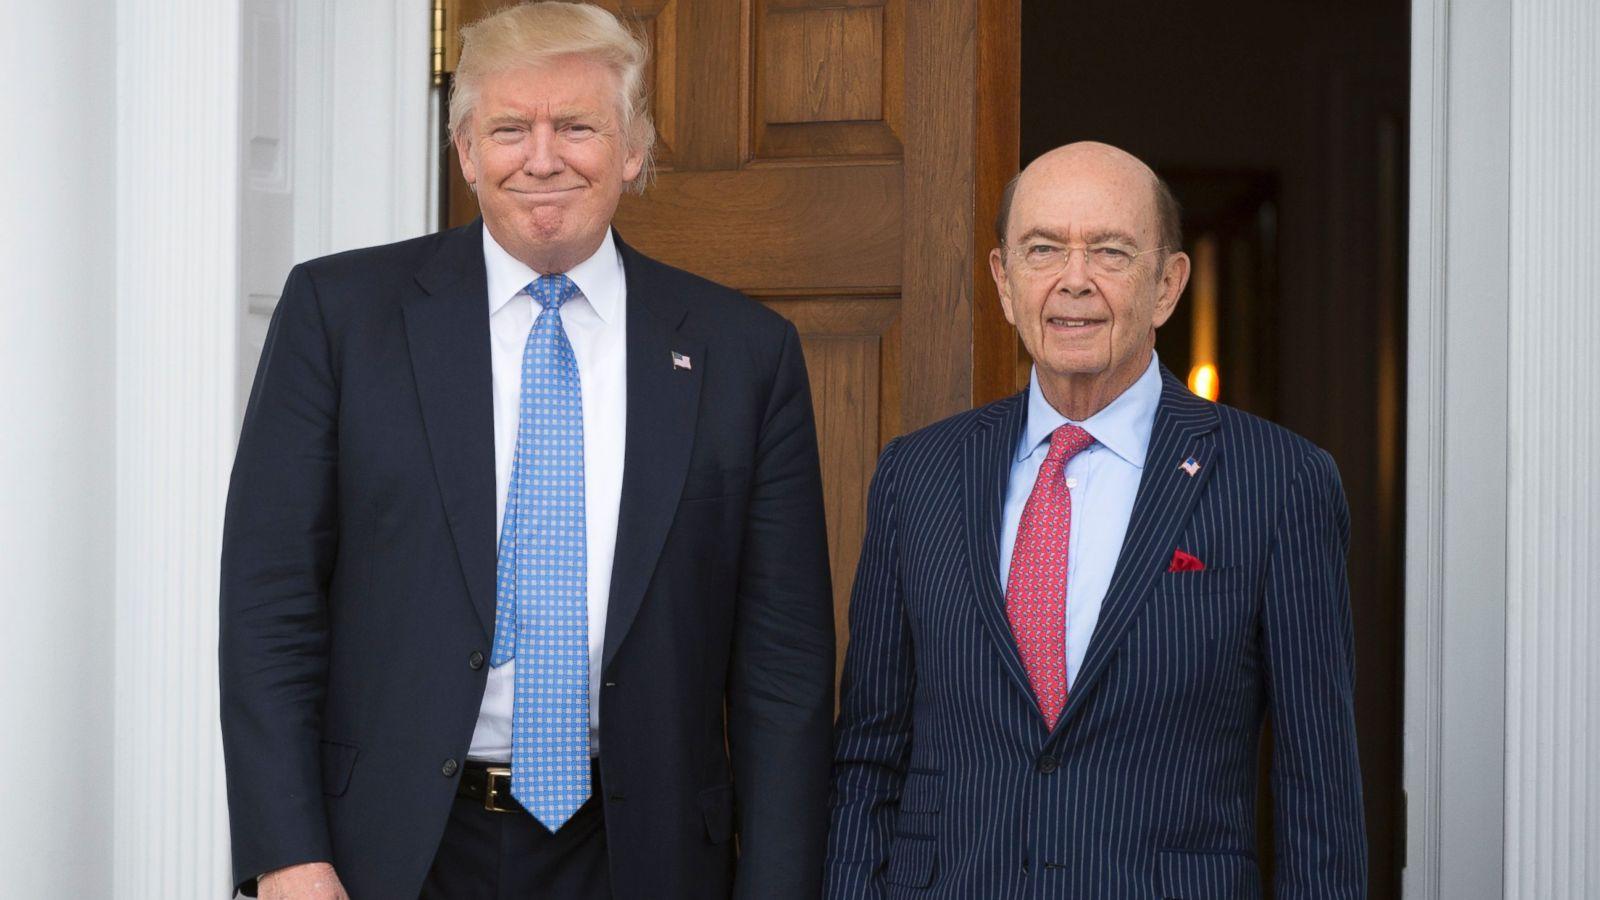 Acusan a funcionario de Trump de robar 120 millones de dólares